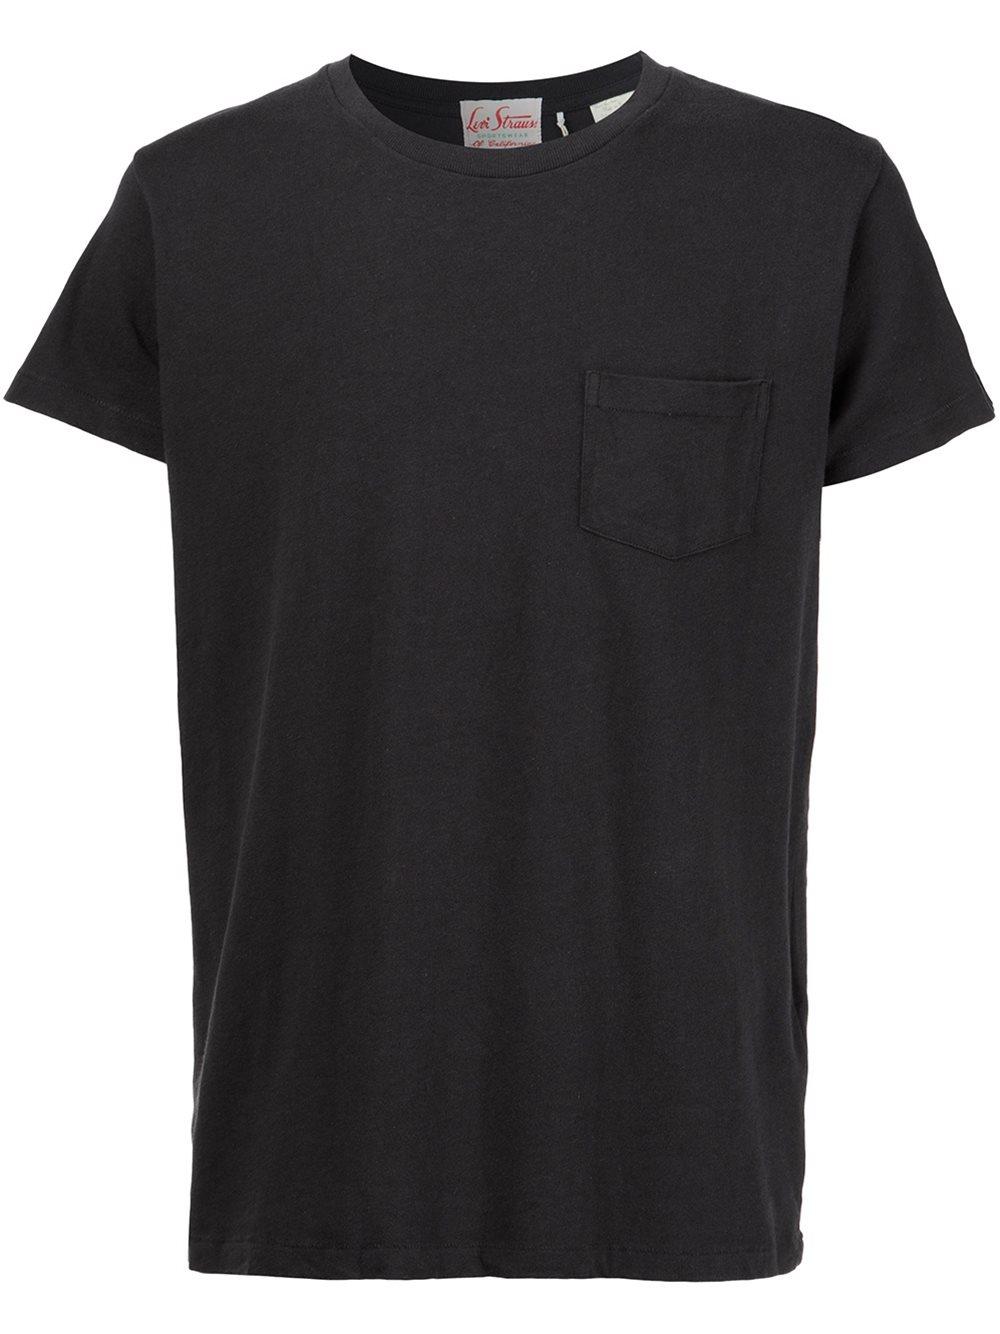 Levi 39 s chest pocket t shirt in black for men lyst for Mens black levi shirt